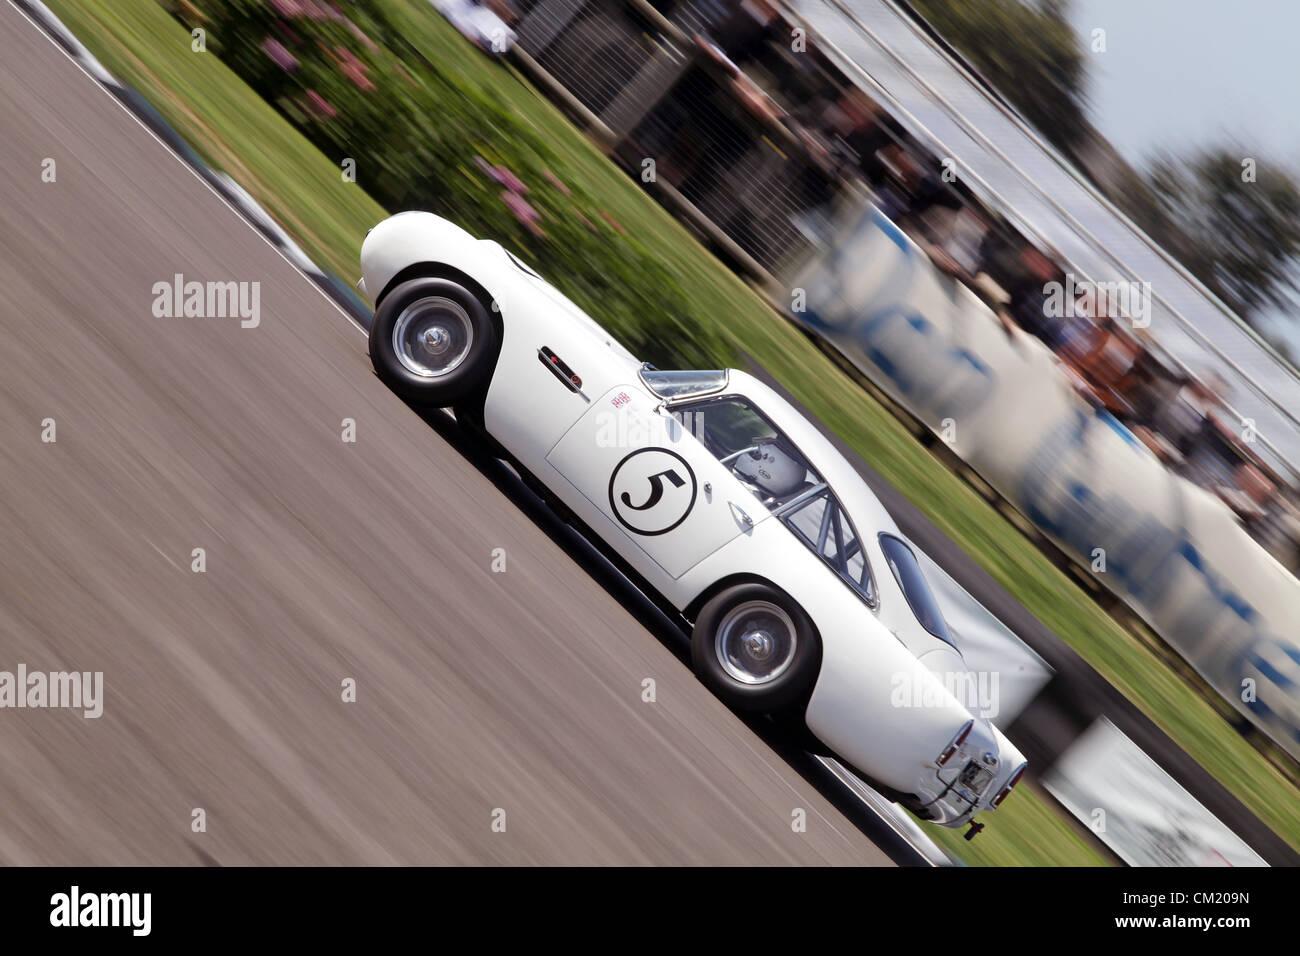 Goodwood Estate, Chichester, UK. 15th September 2012. Aston Martin DB4GT during the RAC TT Celebration. The revival - Stock Image